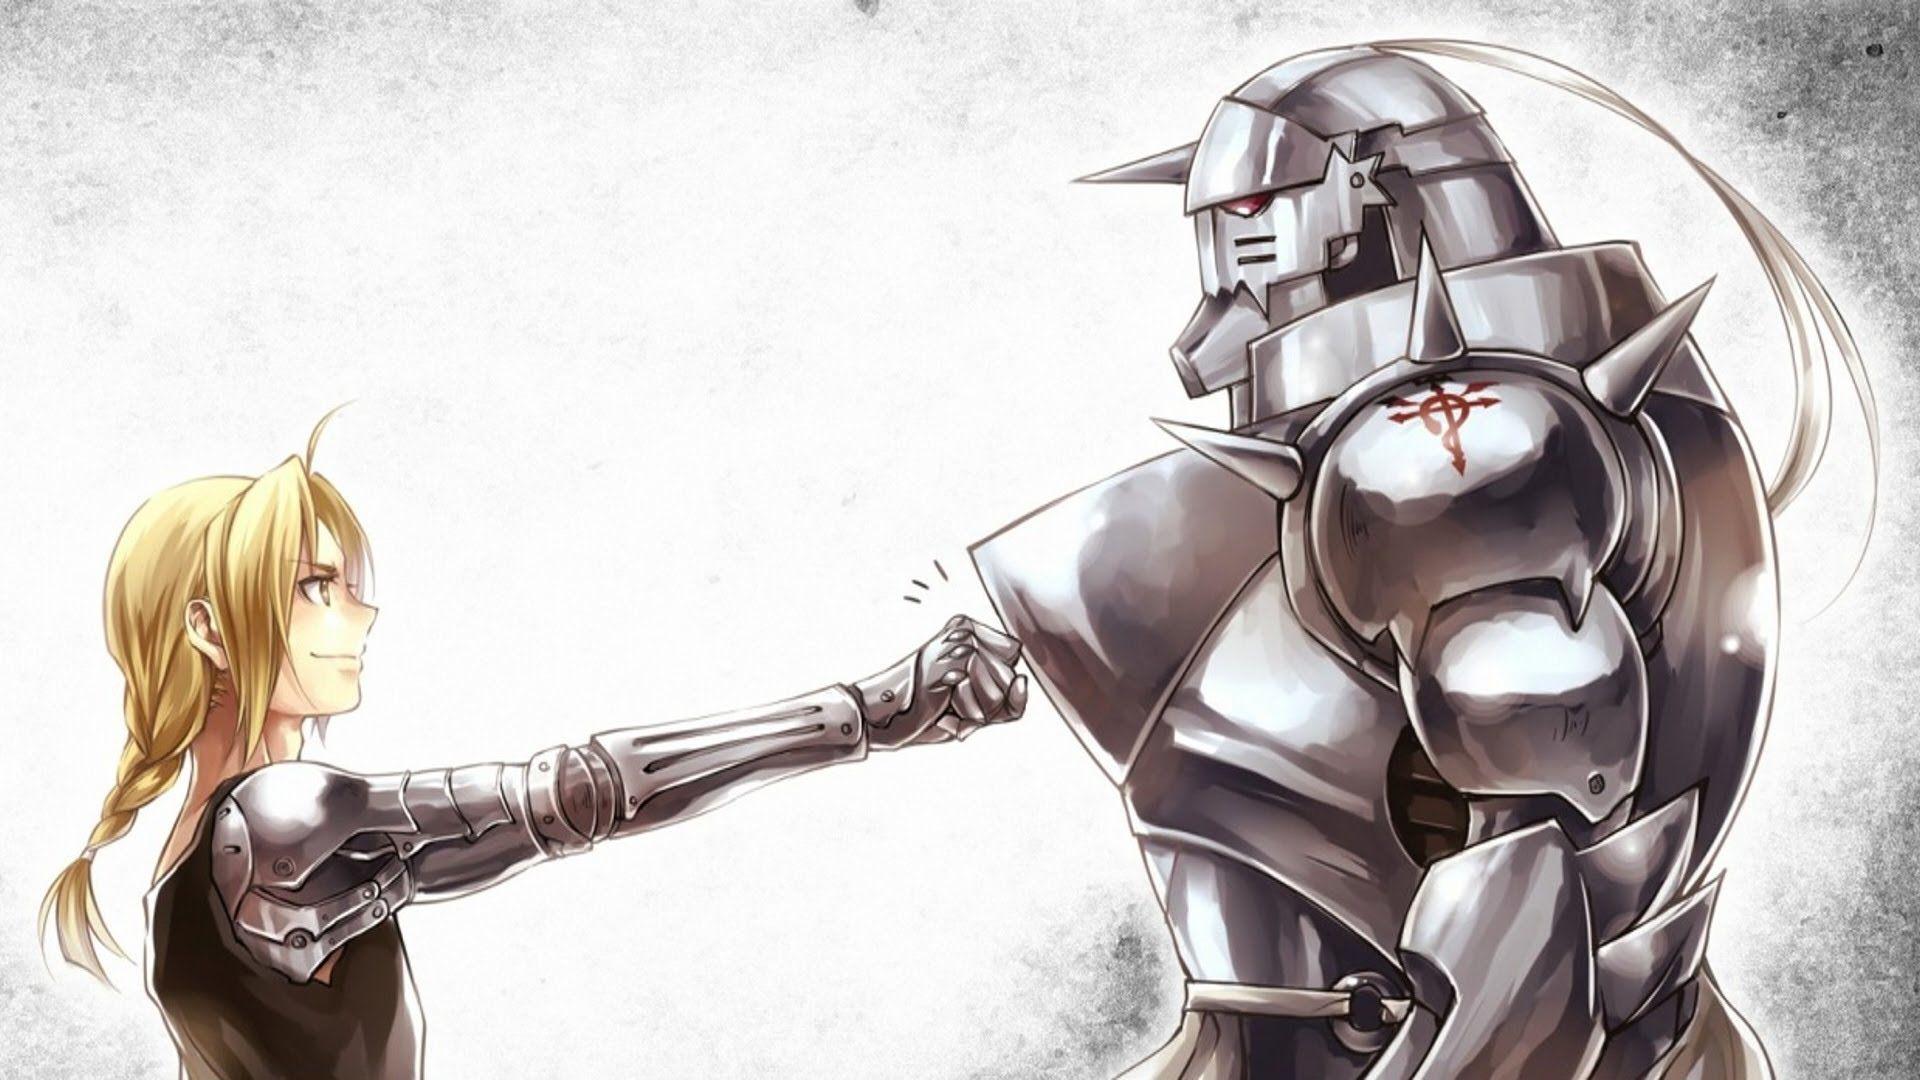 Wallpaper für Fullmetal Alchemist: Brother für Topliste Top 5 Animes für Einsteiger